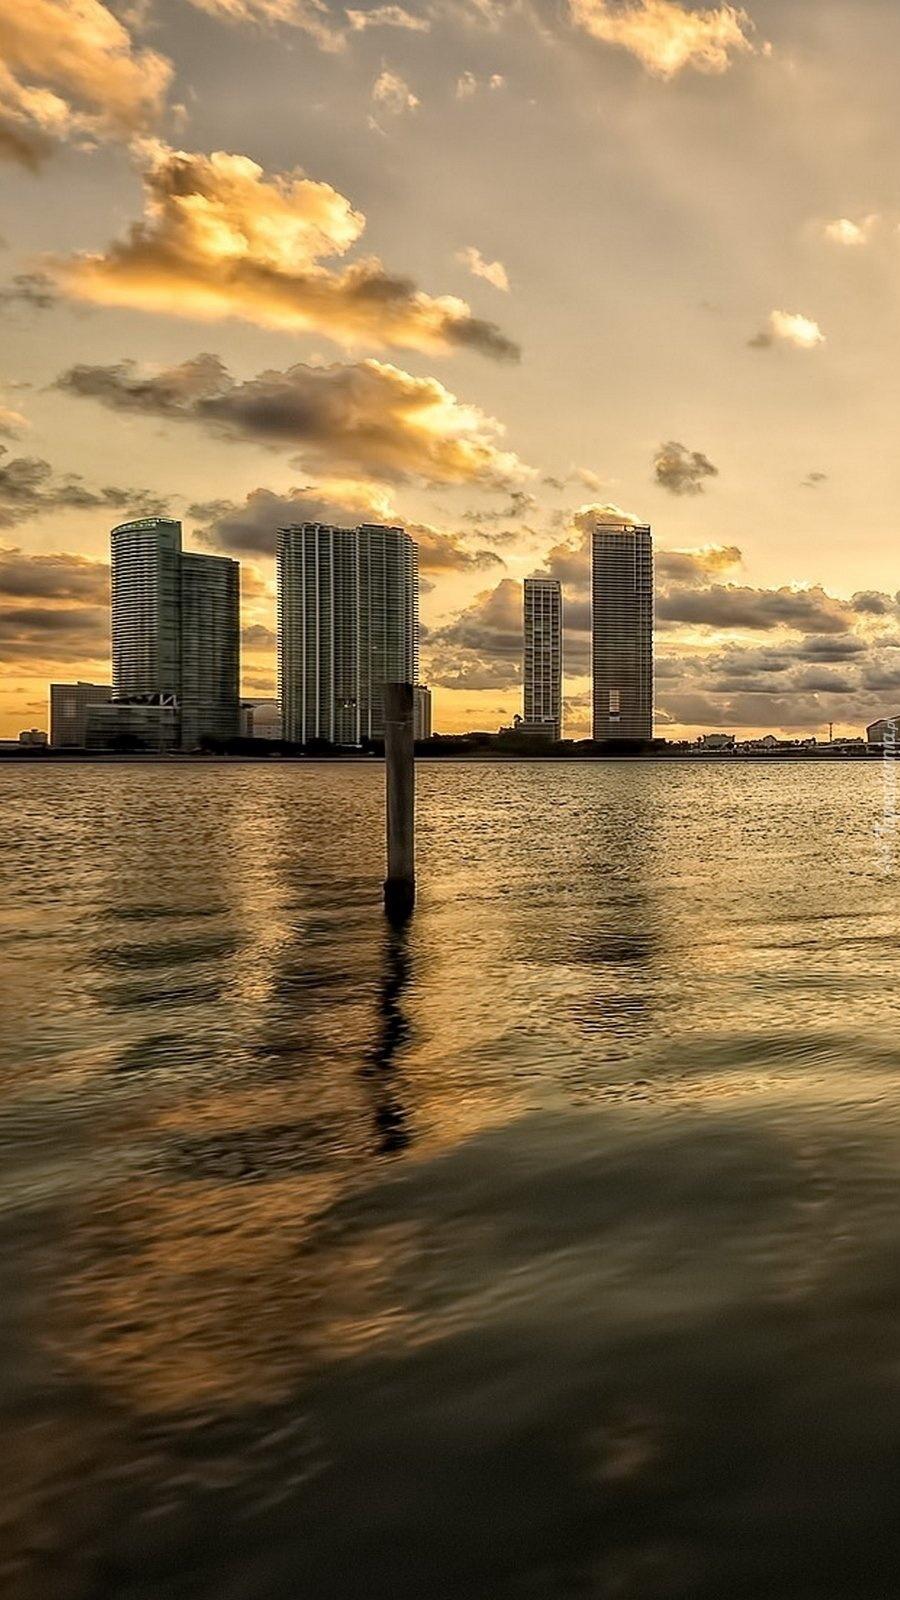 Miasto nad wodą o wschodzie słońca